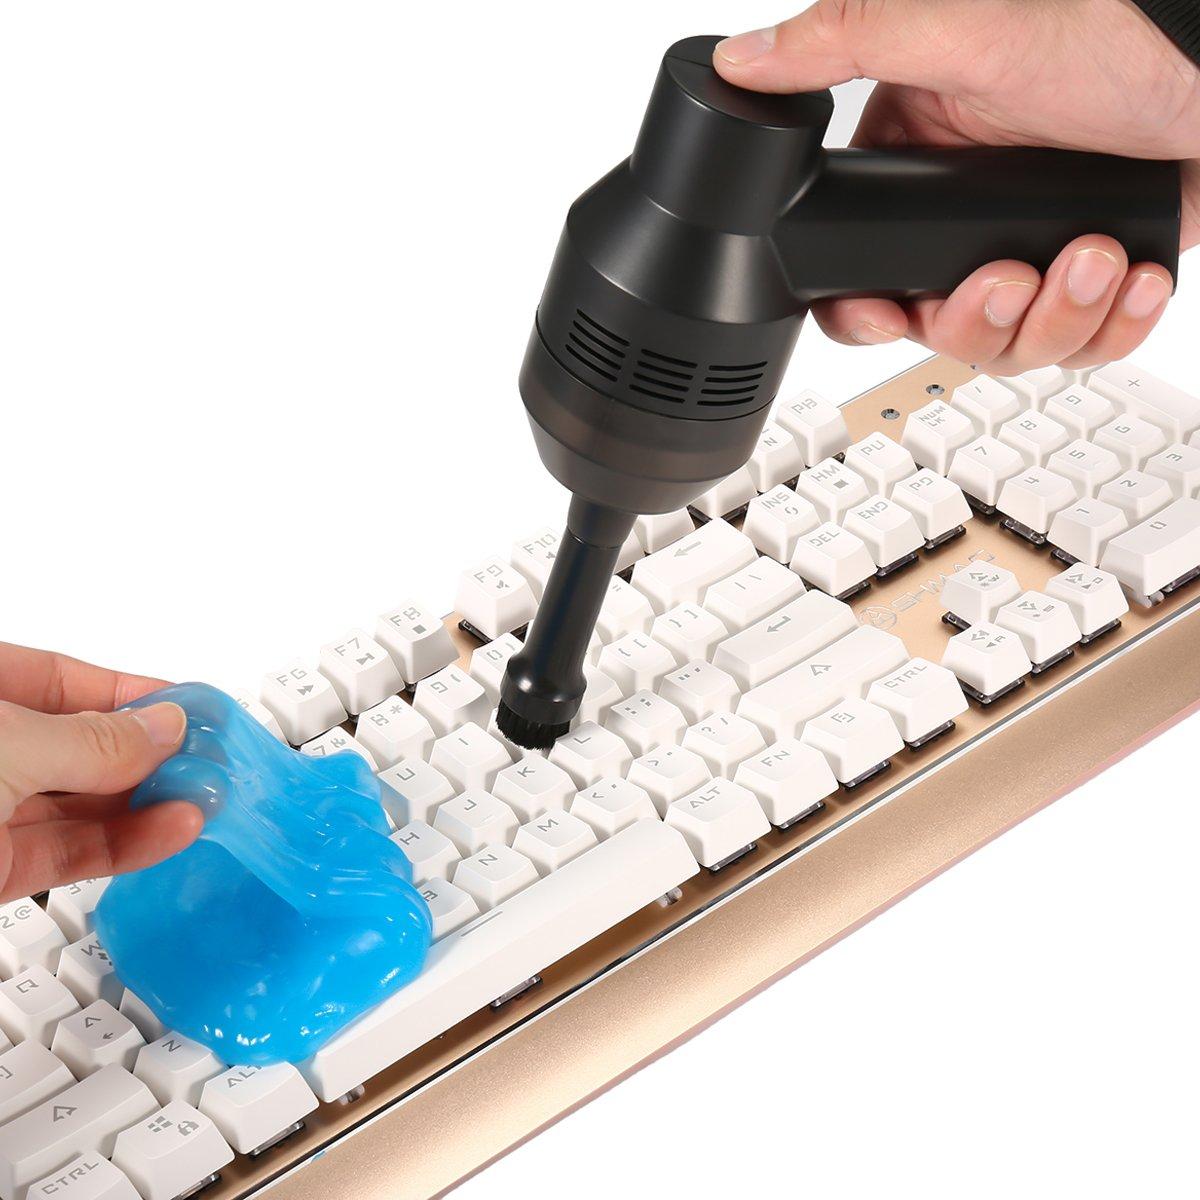 MECO 4 Unids Gel Limpiador de Polvo para Teclado PC Ordenador Portátil Control remoto: Amazon.es: Oficina y papelería